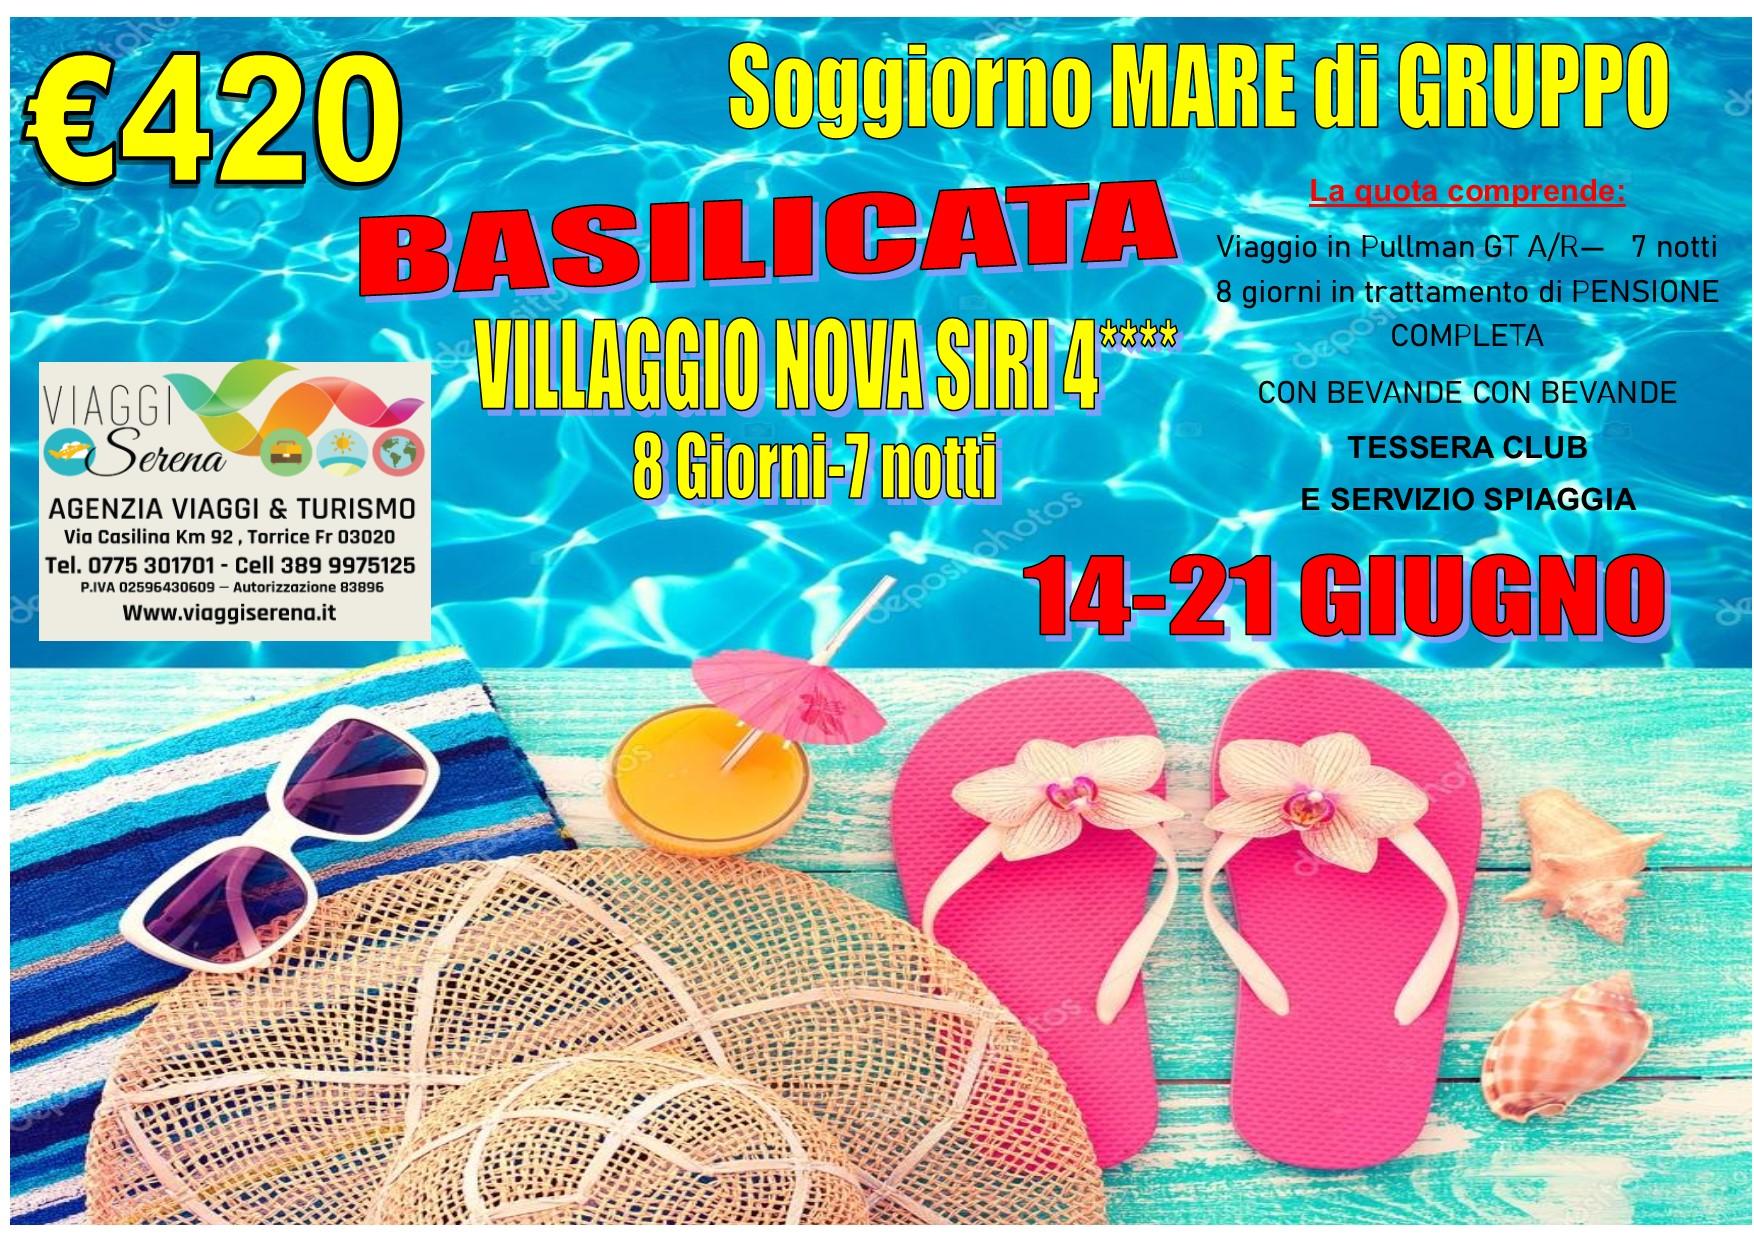 Viaggi Di Gruppo Soggiorno Mare Basilicata Nova Siri 4 14 21 Giugno 420 00 Viaggi Serena